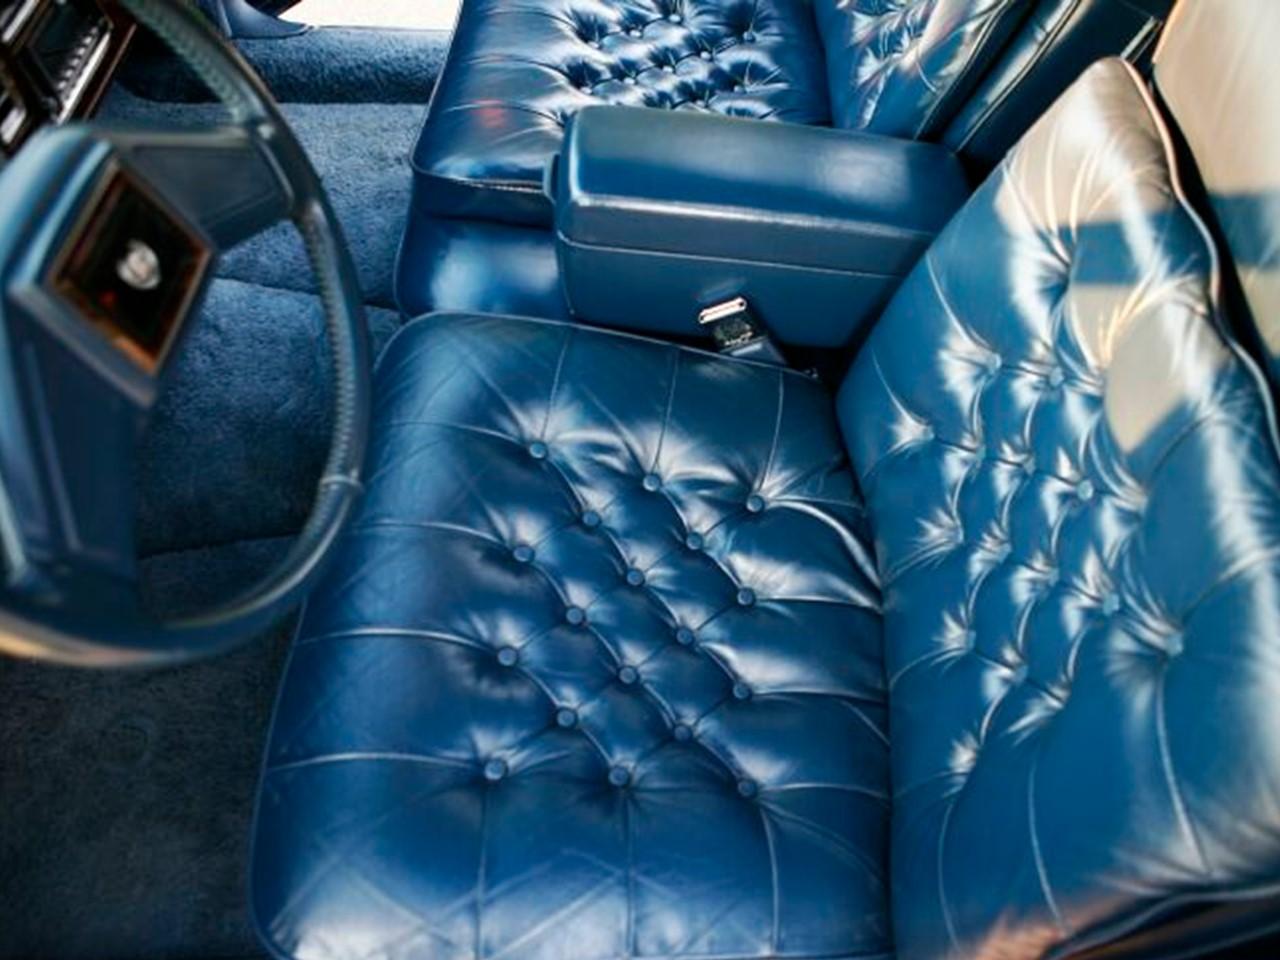 1990 Brougham d'Elegance interior 2